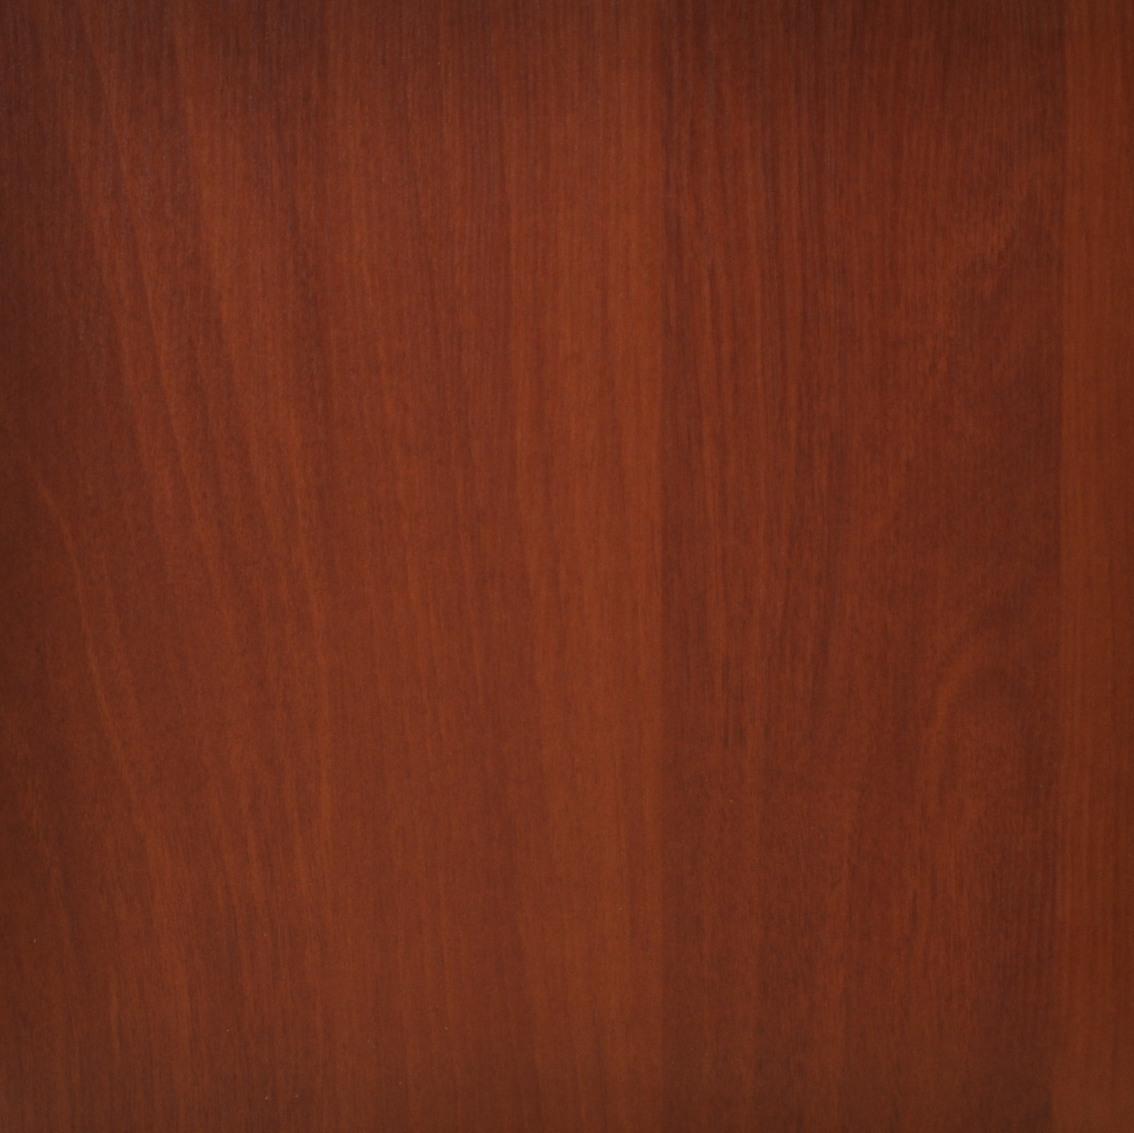 Мебель цвет итальянский орех фото мебели